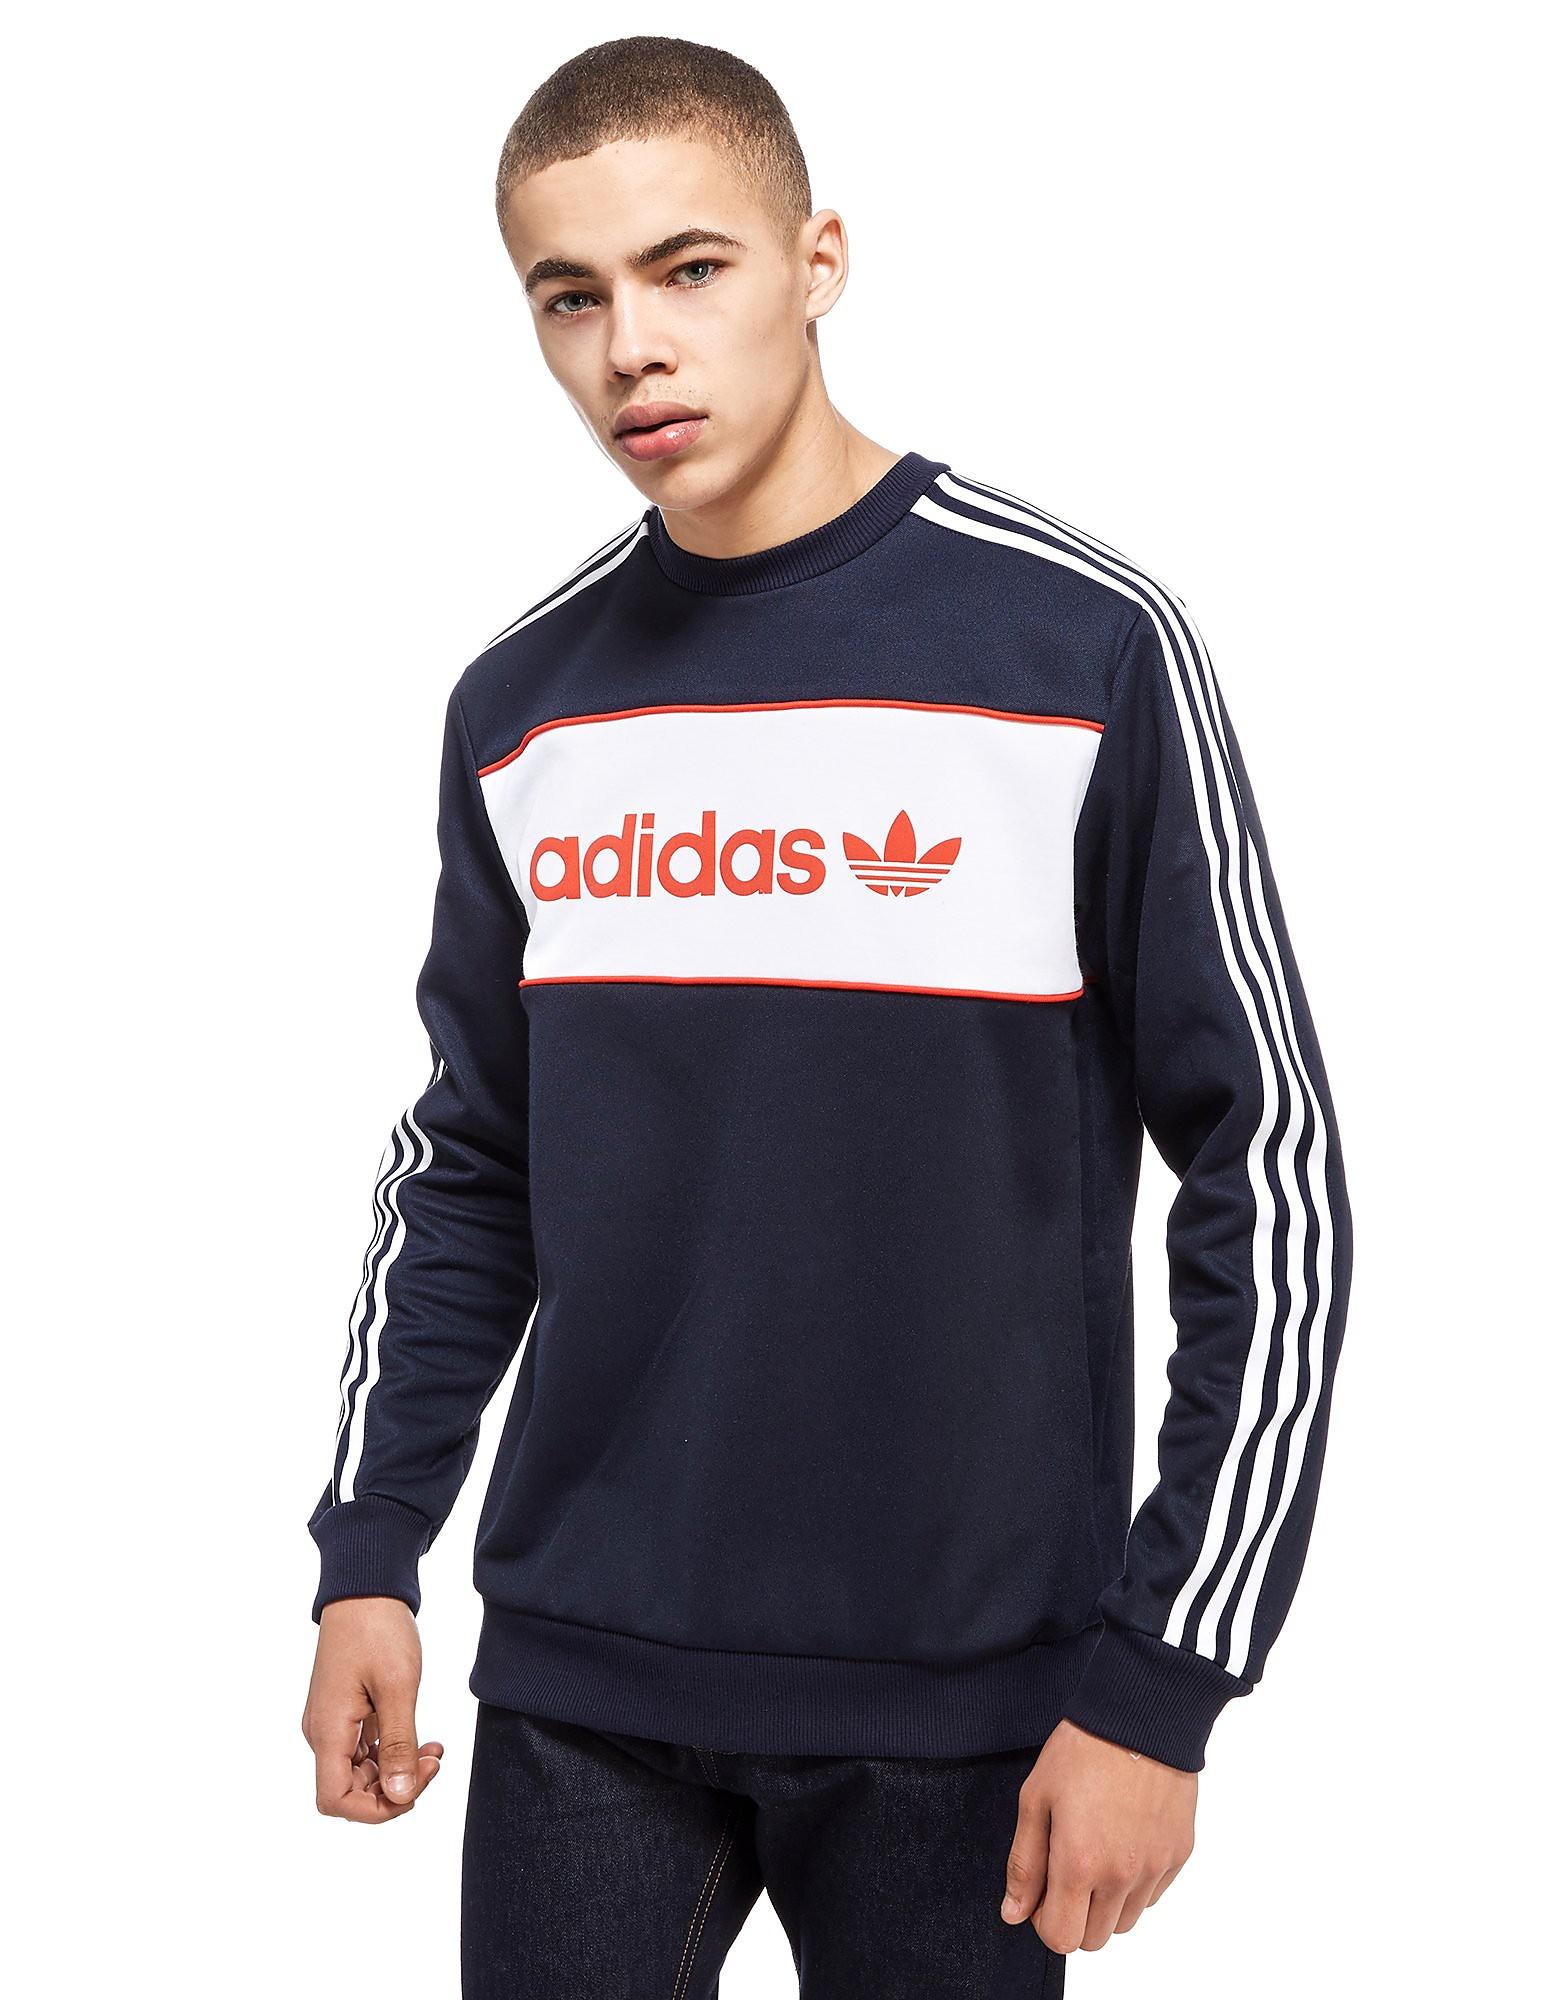 adidas Originals Sweatshirt Block Crew Homme